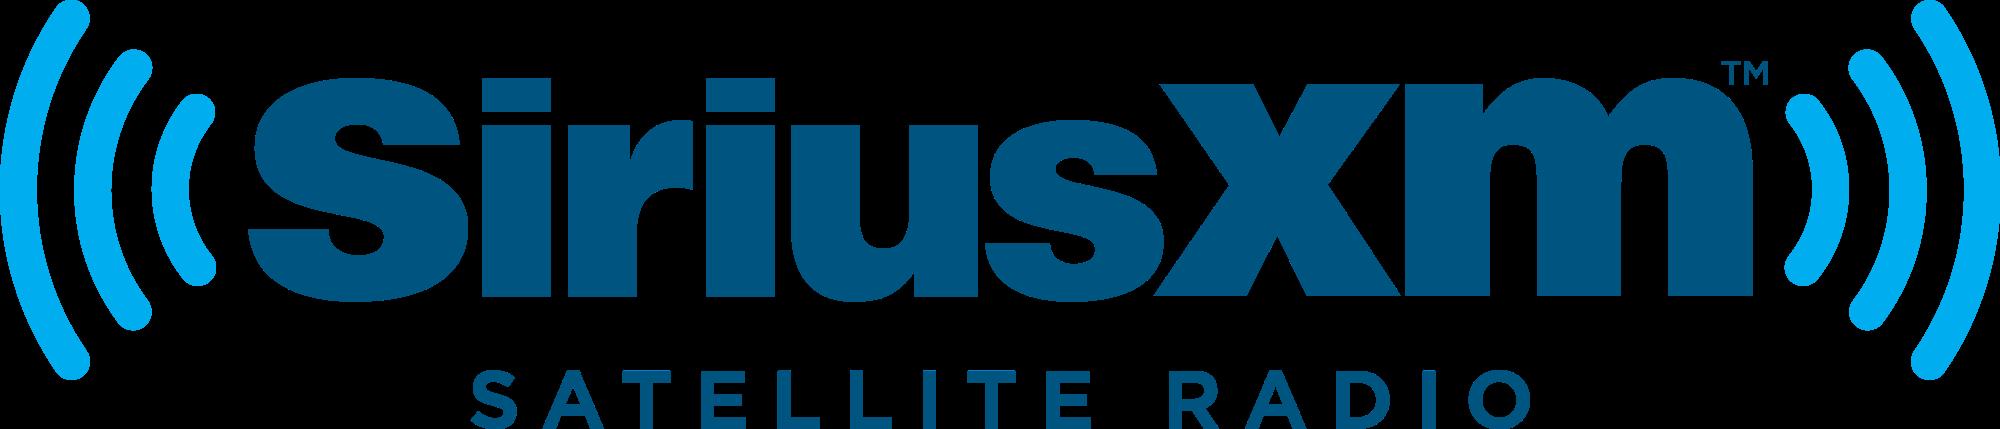 Topyx Client Sirius XM